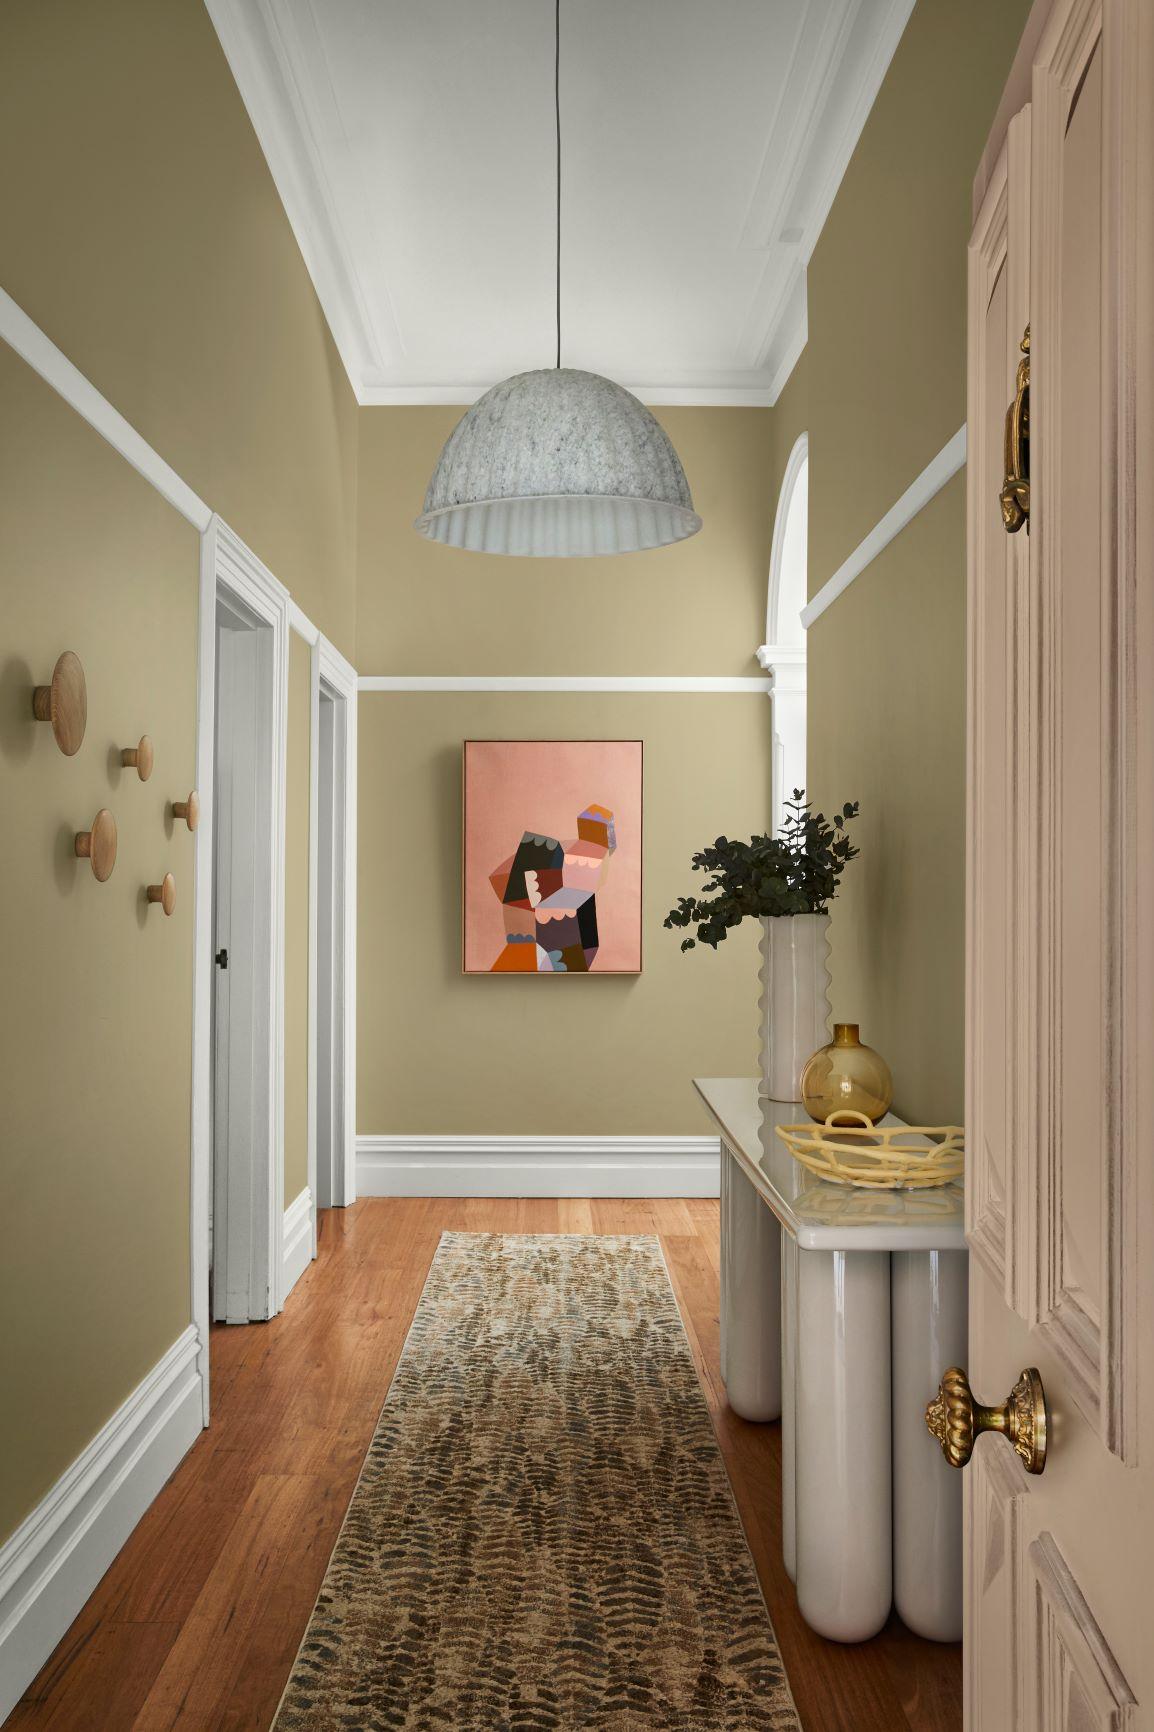 3 ways to update your hallway